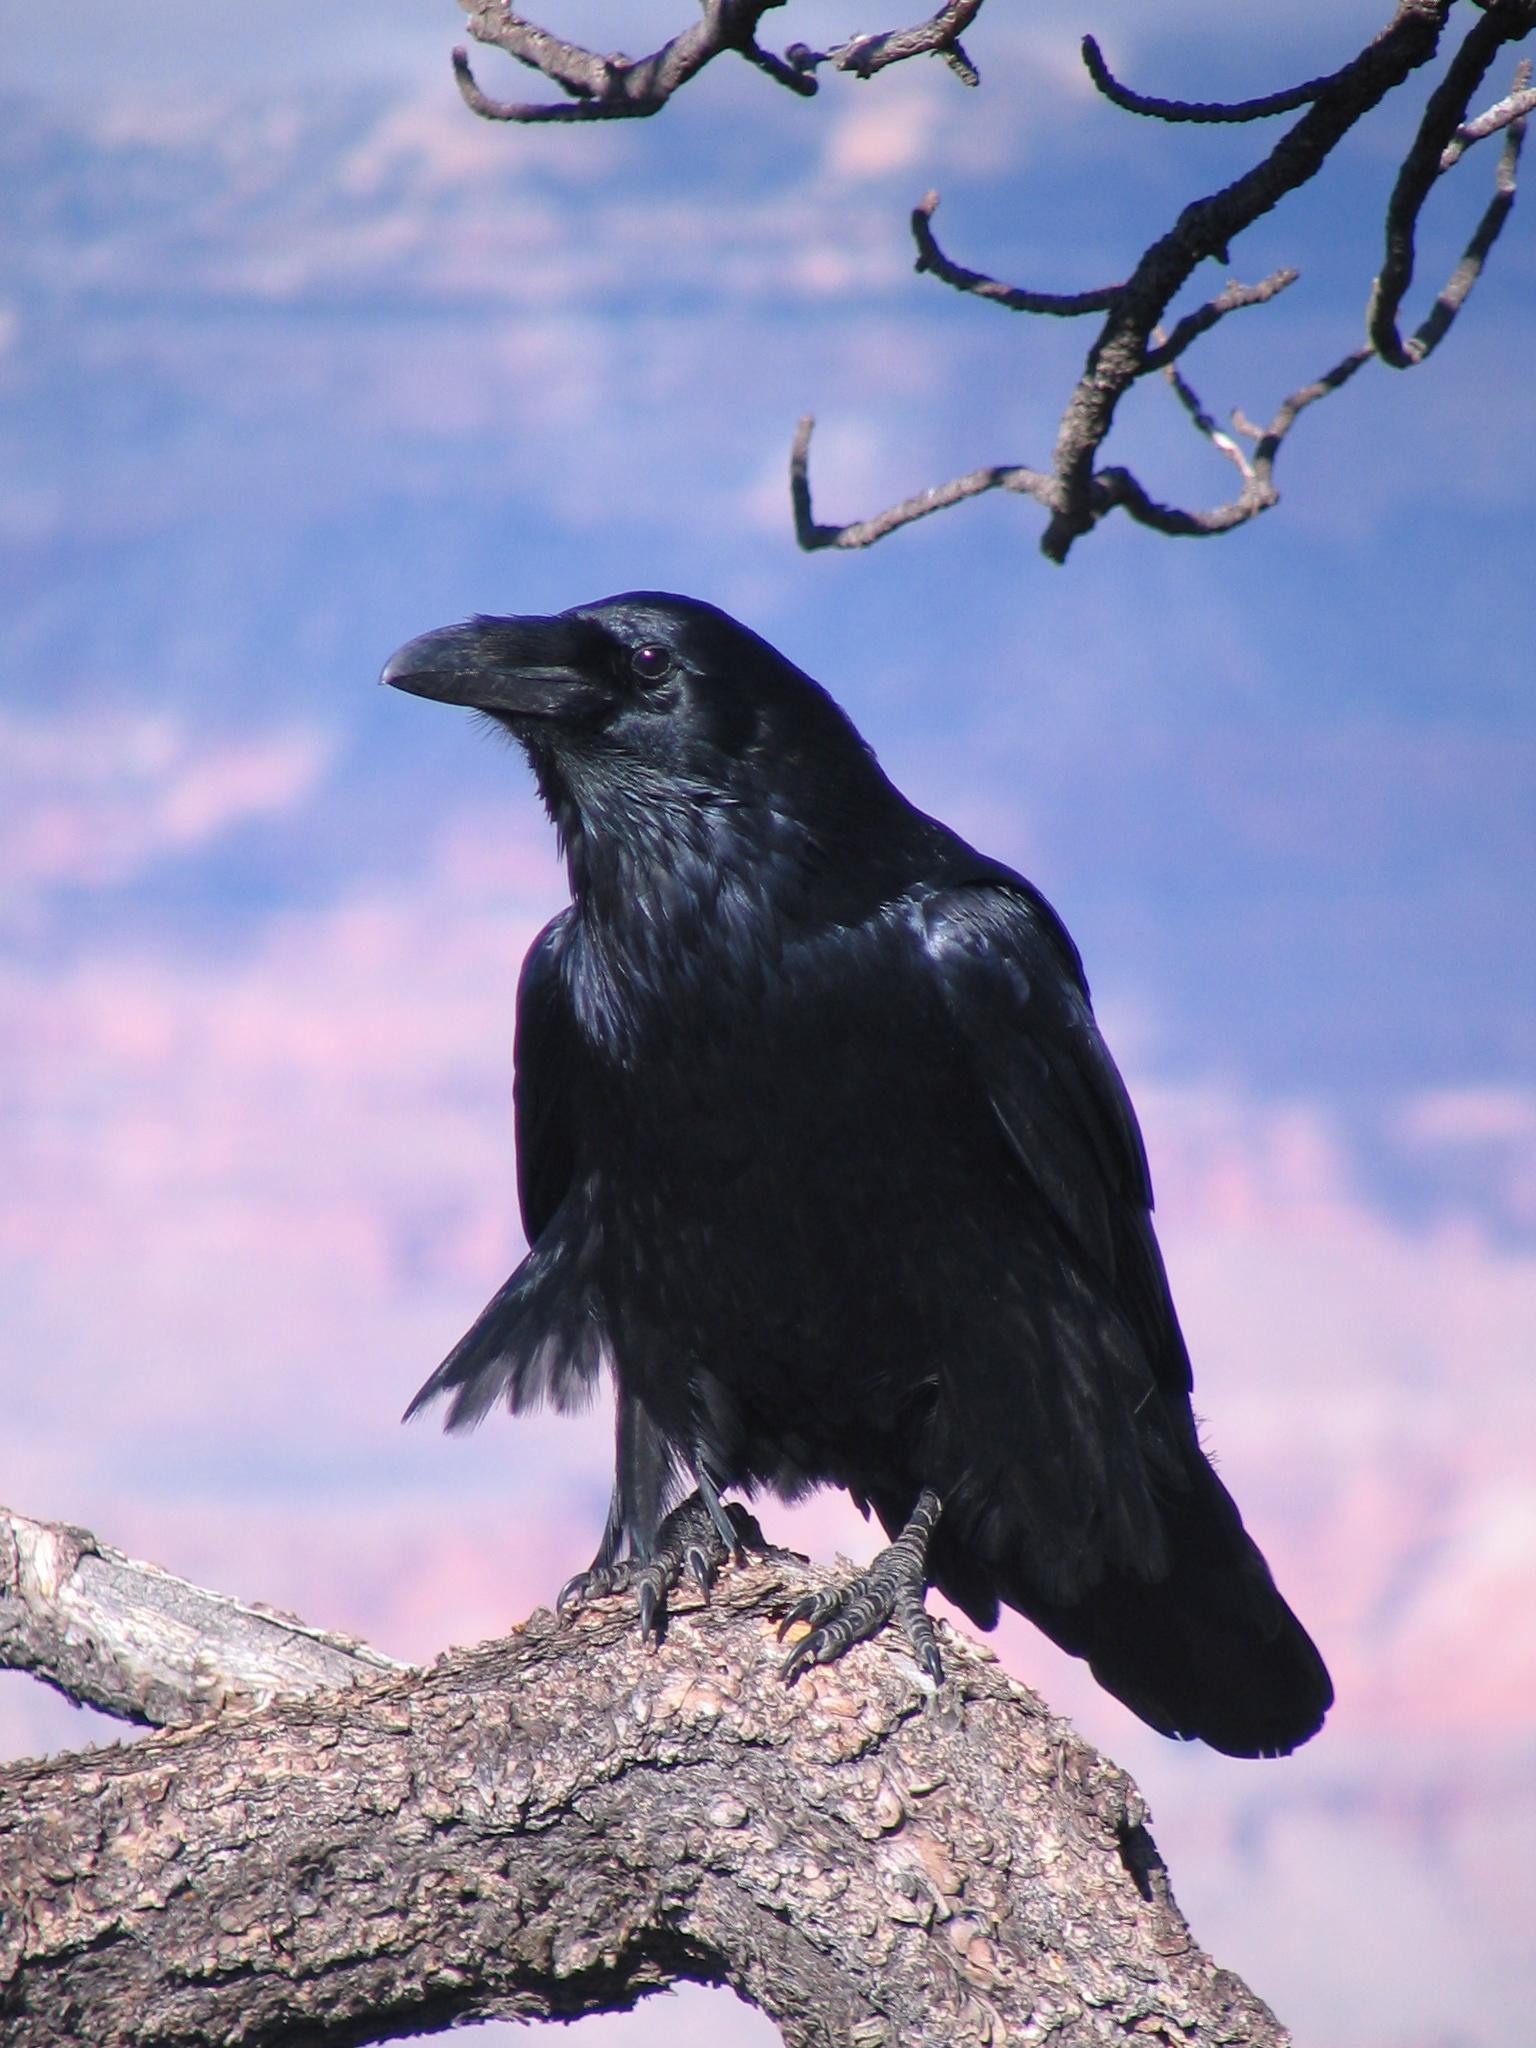 A Vigilant Crow